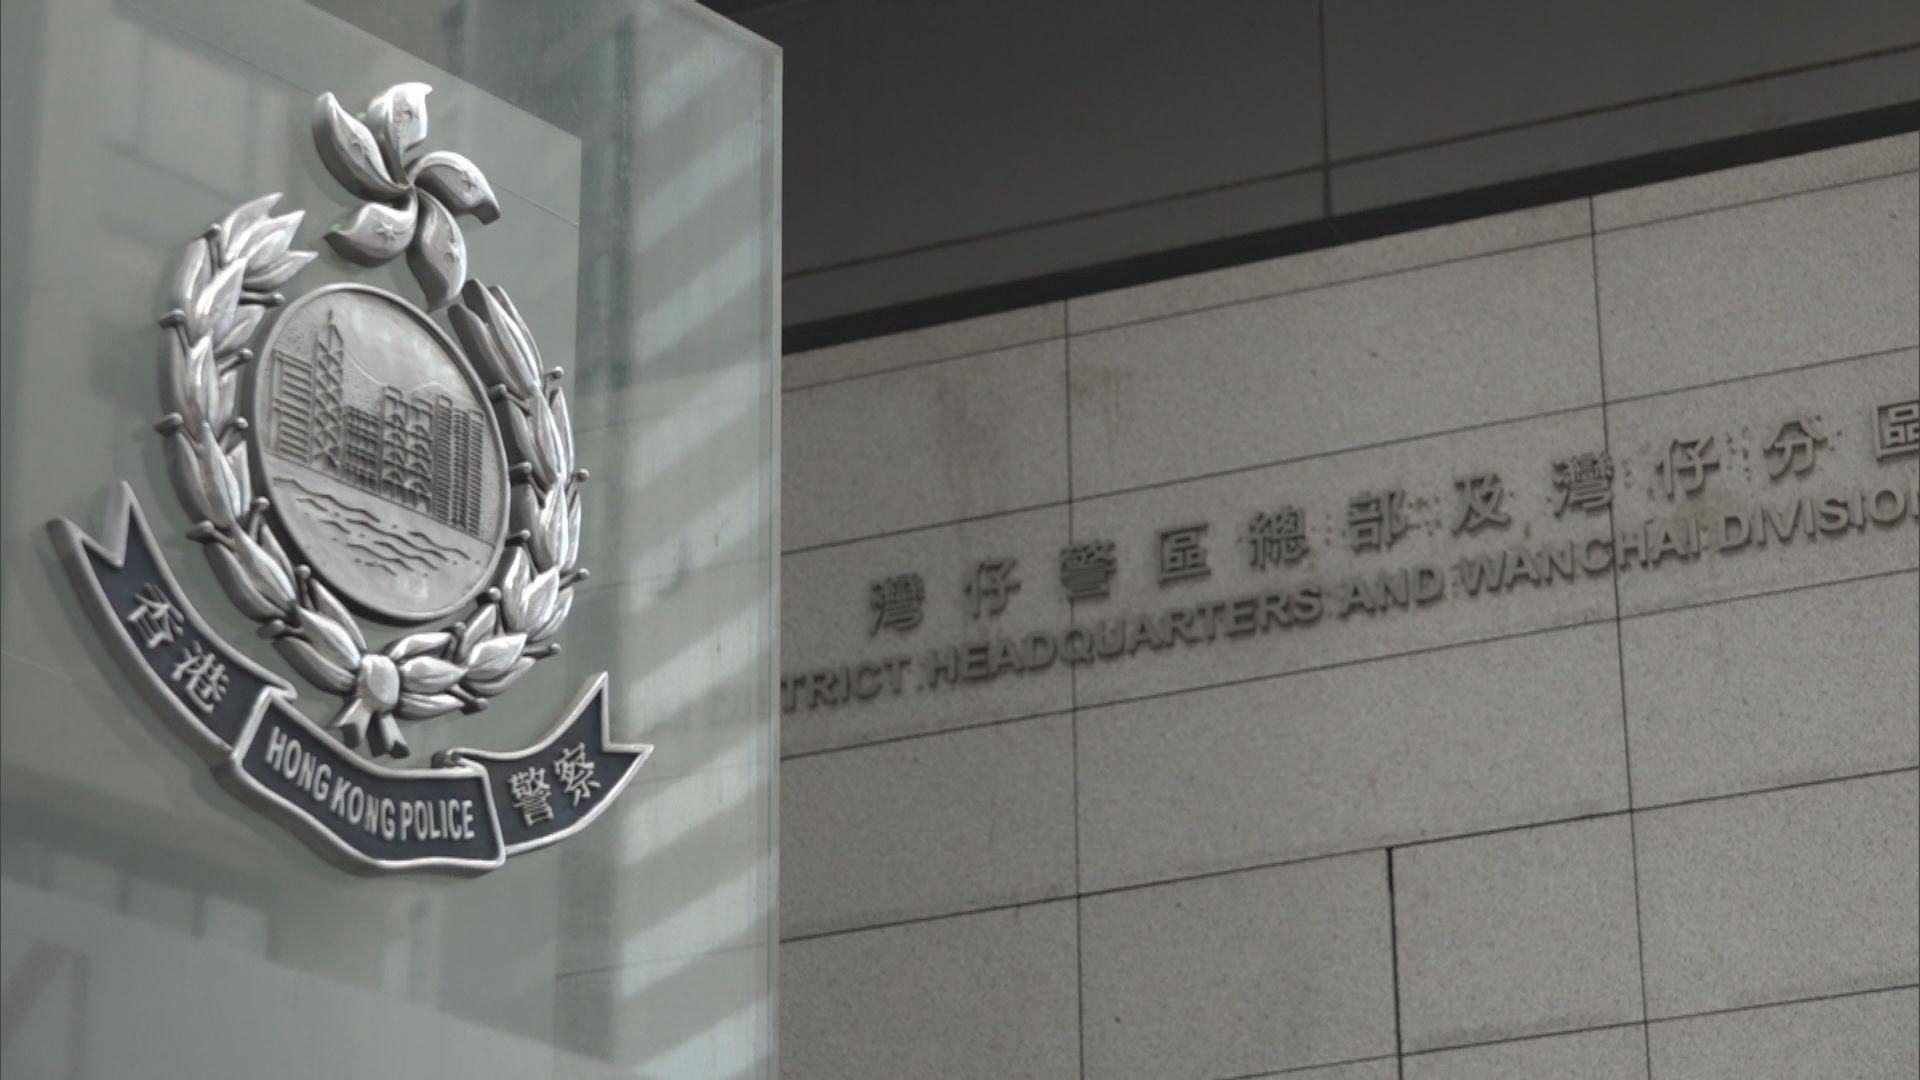 粵港澳大灣區警察協會成立 加強粵港澳三地交流